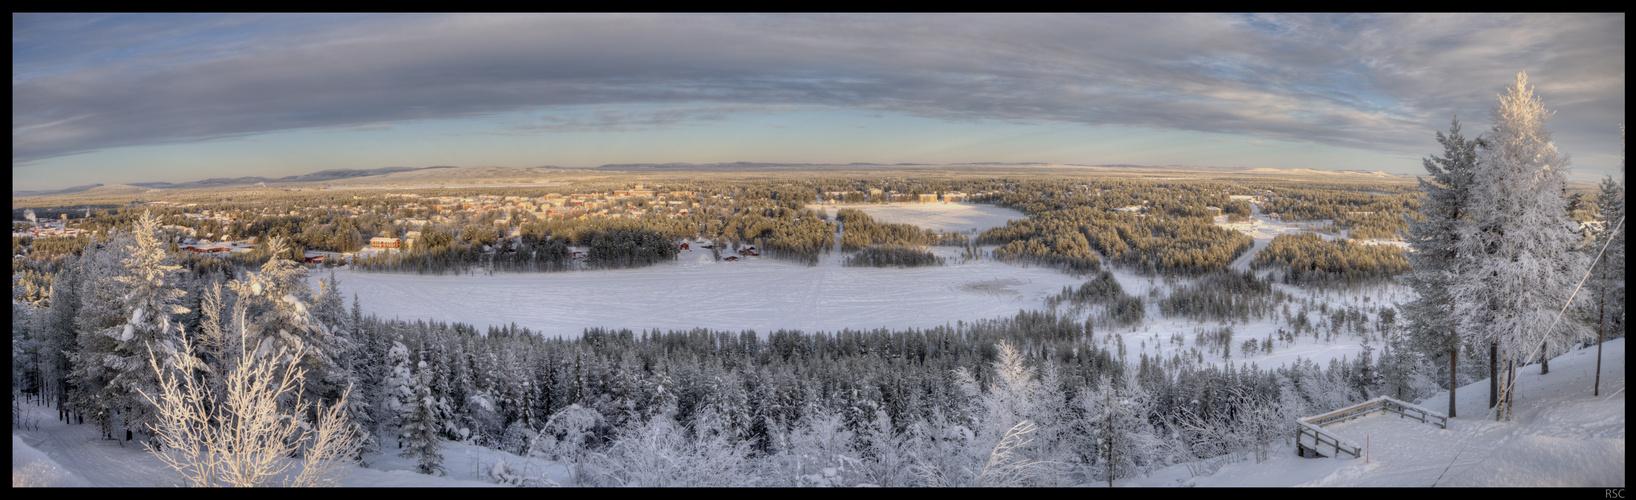 Arvidsjaur Panorama